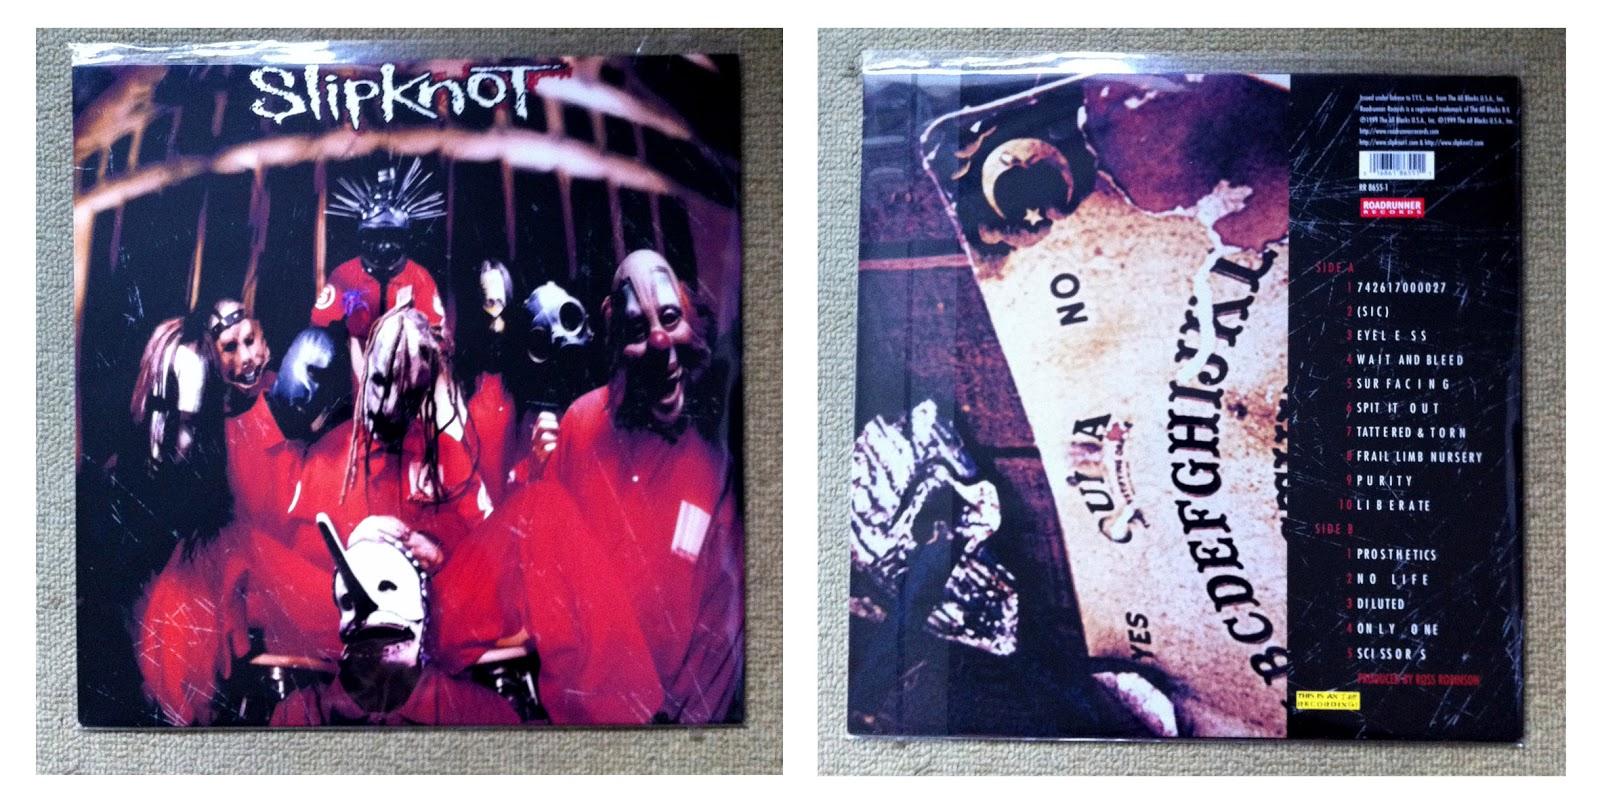 Stockroom Slipknot Slipknot